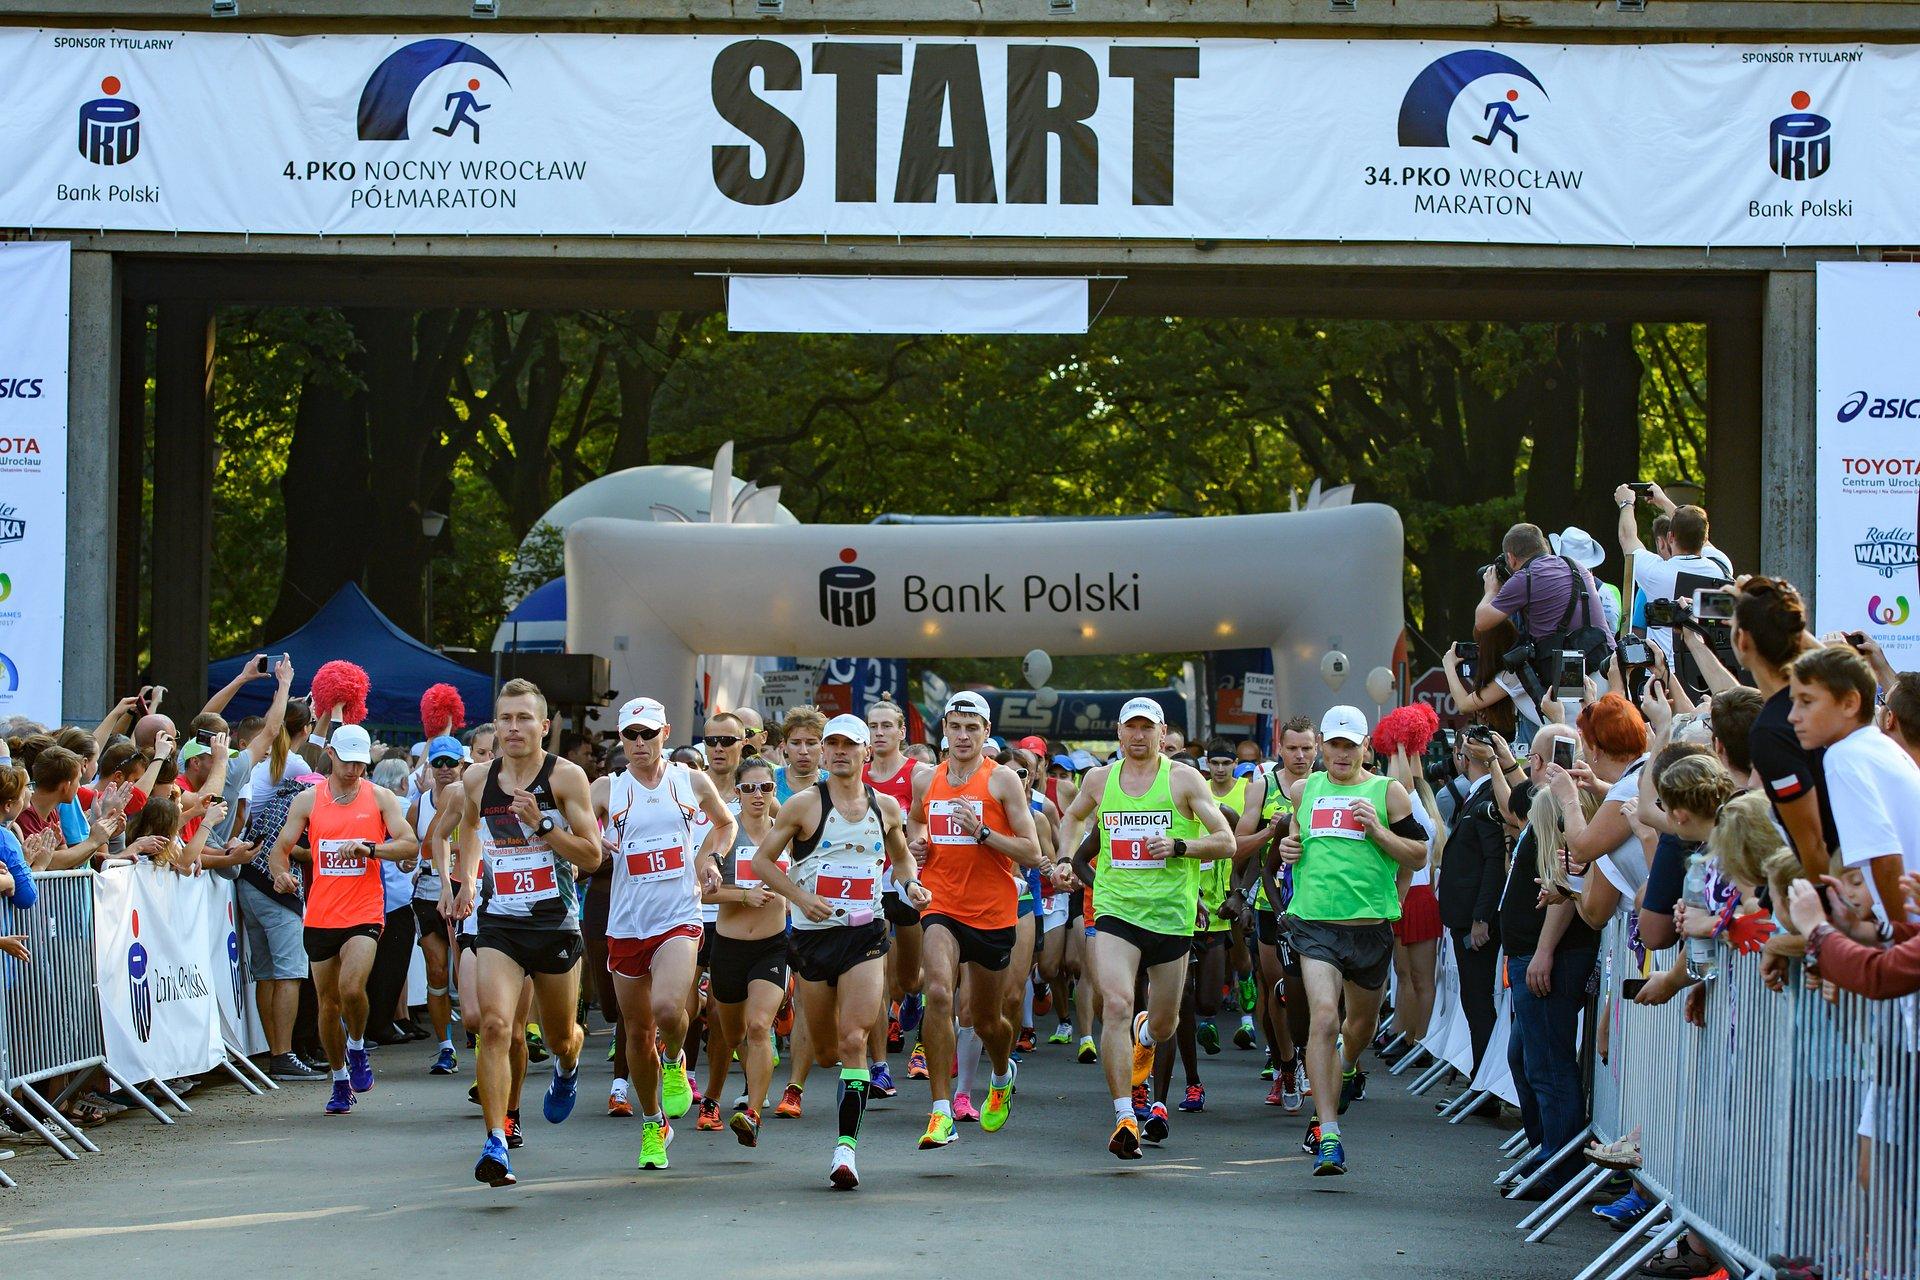 Ponad 4 tysiące maratończyków pobiegło z PKO Bankiem Polskim we Wrocławiu